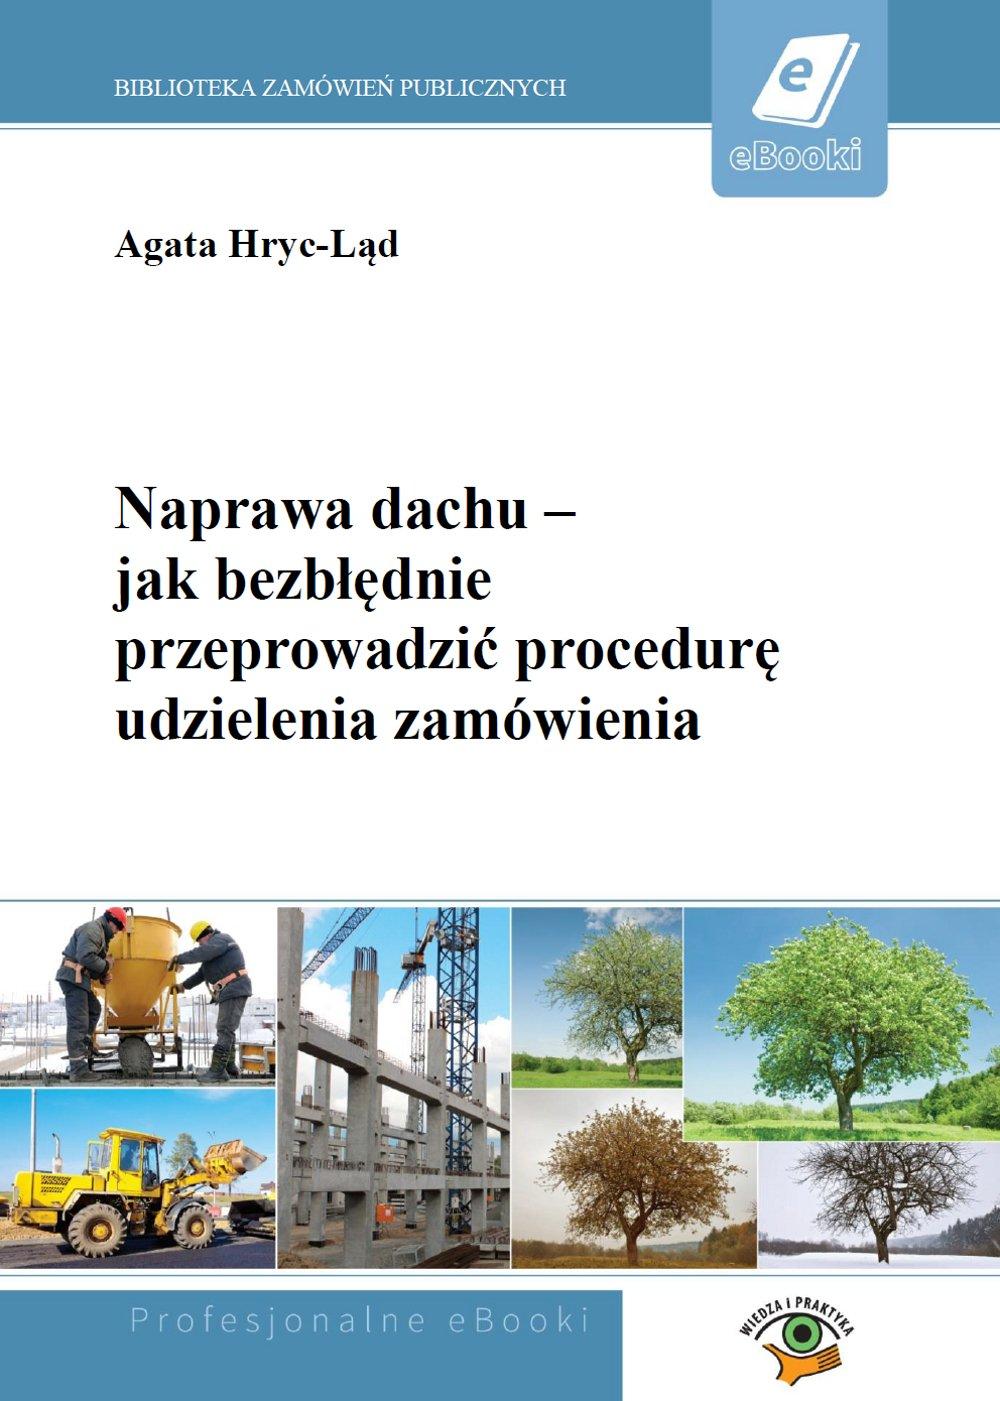 Naprawa dachu – jak bezbłędnie przeprowadzić procedurę udzielenia zamówienia - Ebook (Książka PDF) do pobrania w formacie PDF